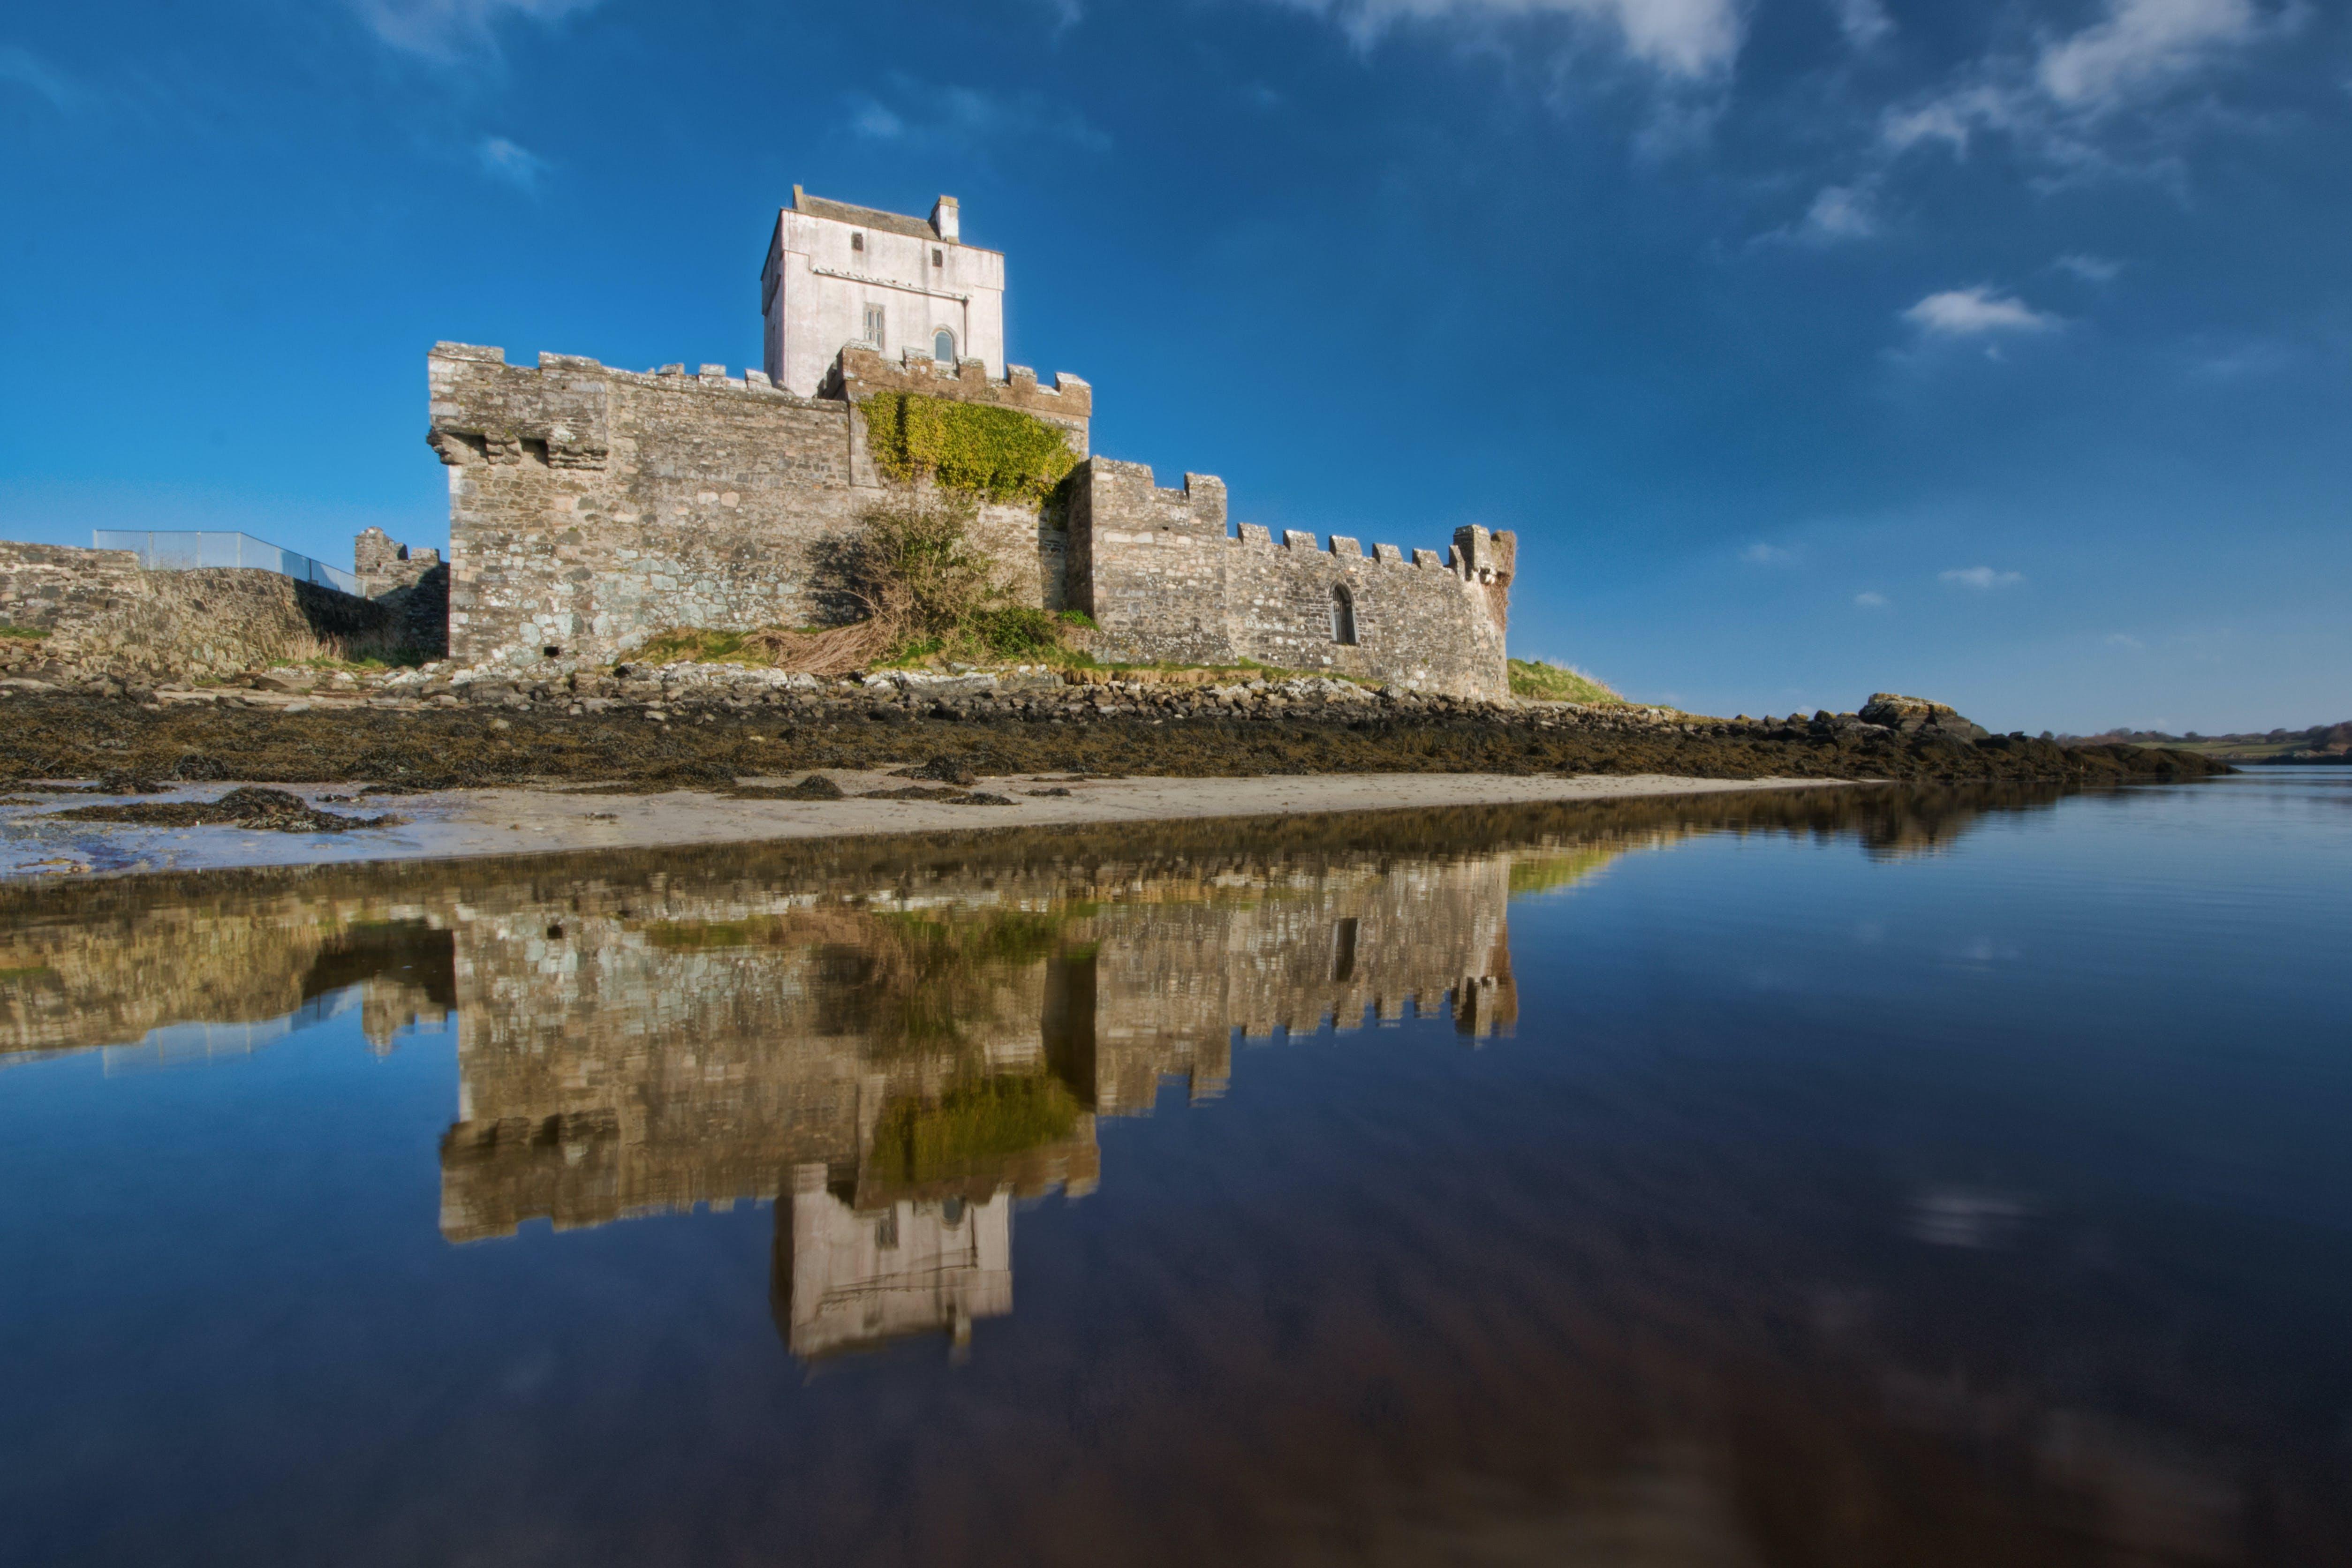 antik, bina, doe castle, gökyüzü içeren Ücretsiz stok fotoğraf